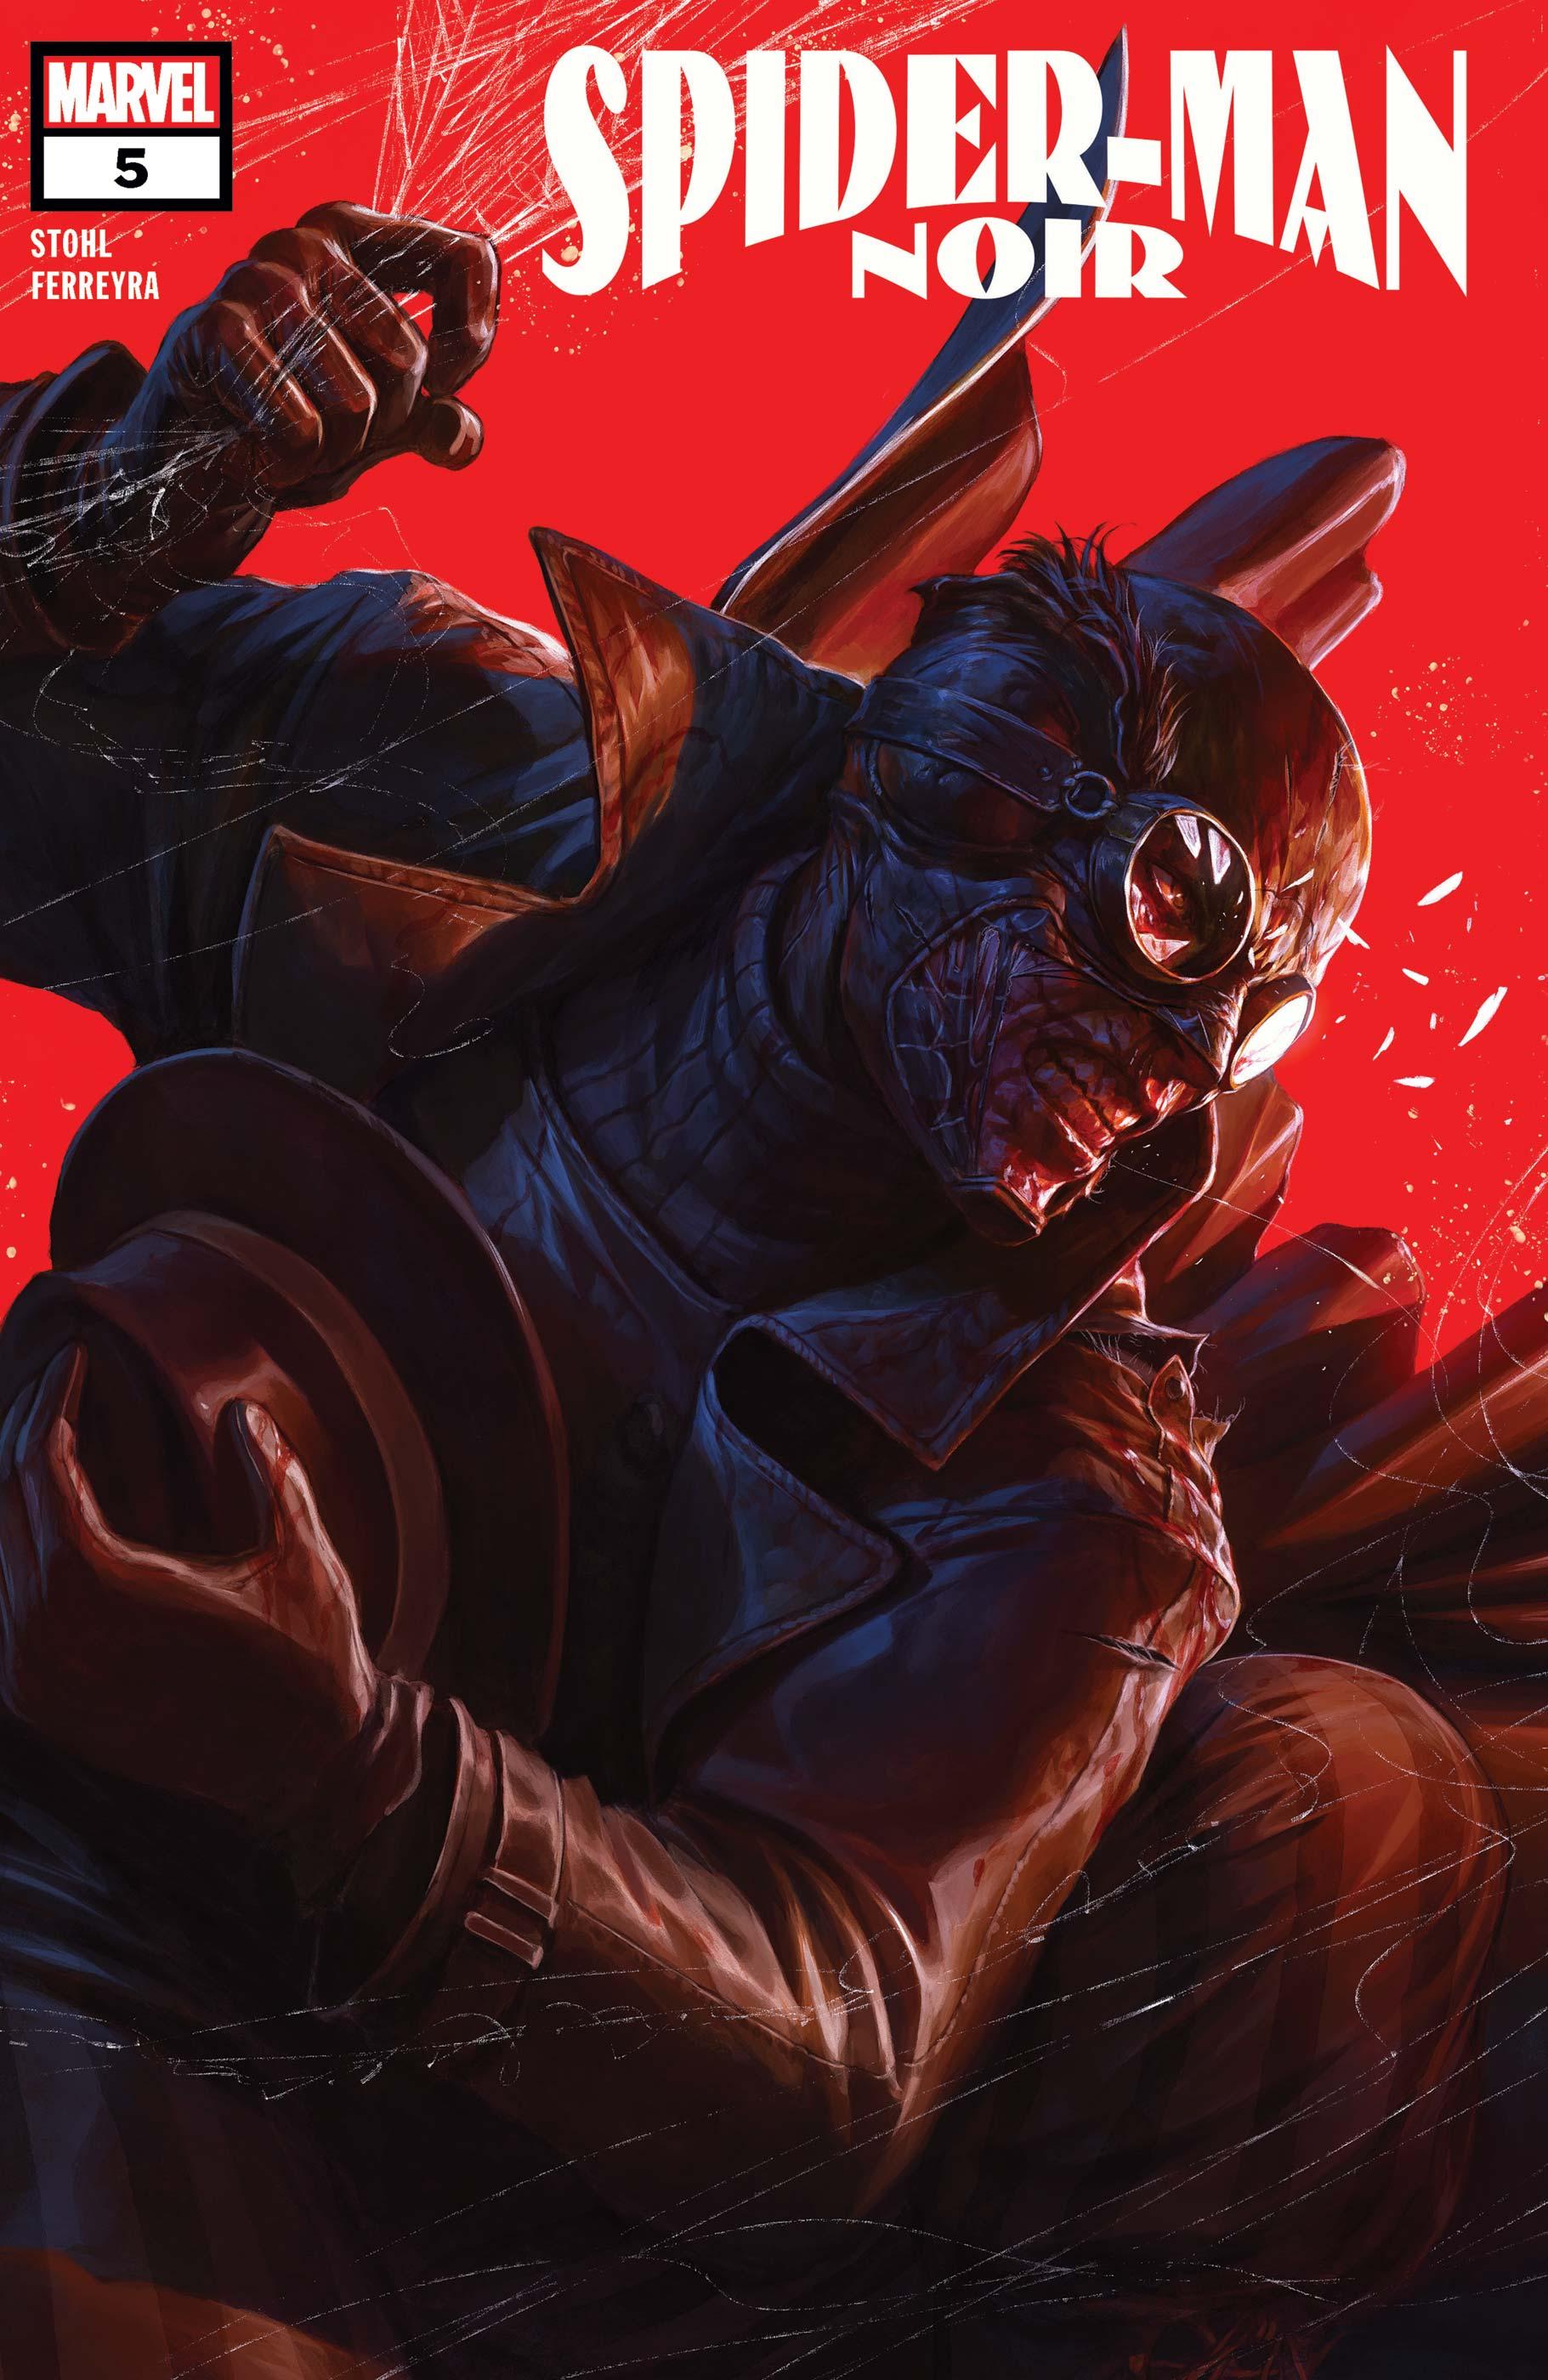 Spider-Man Noir (2020) #5